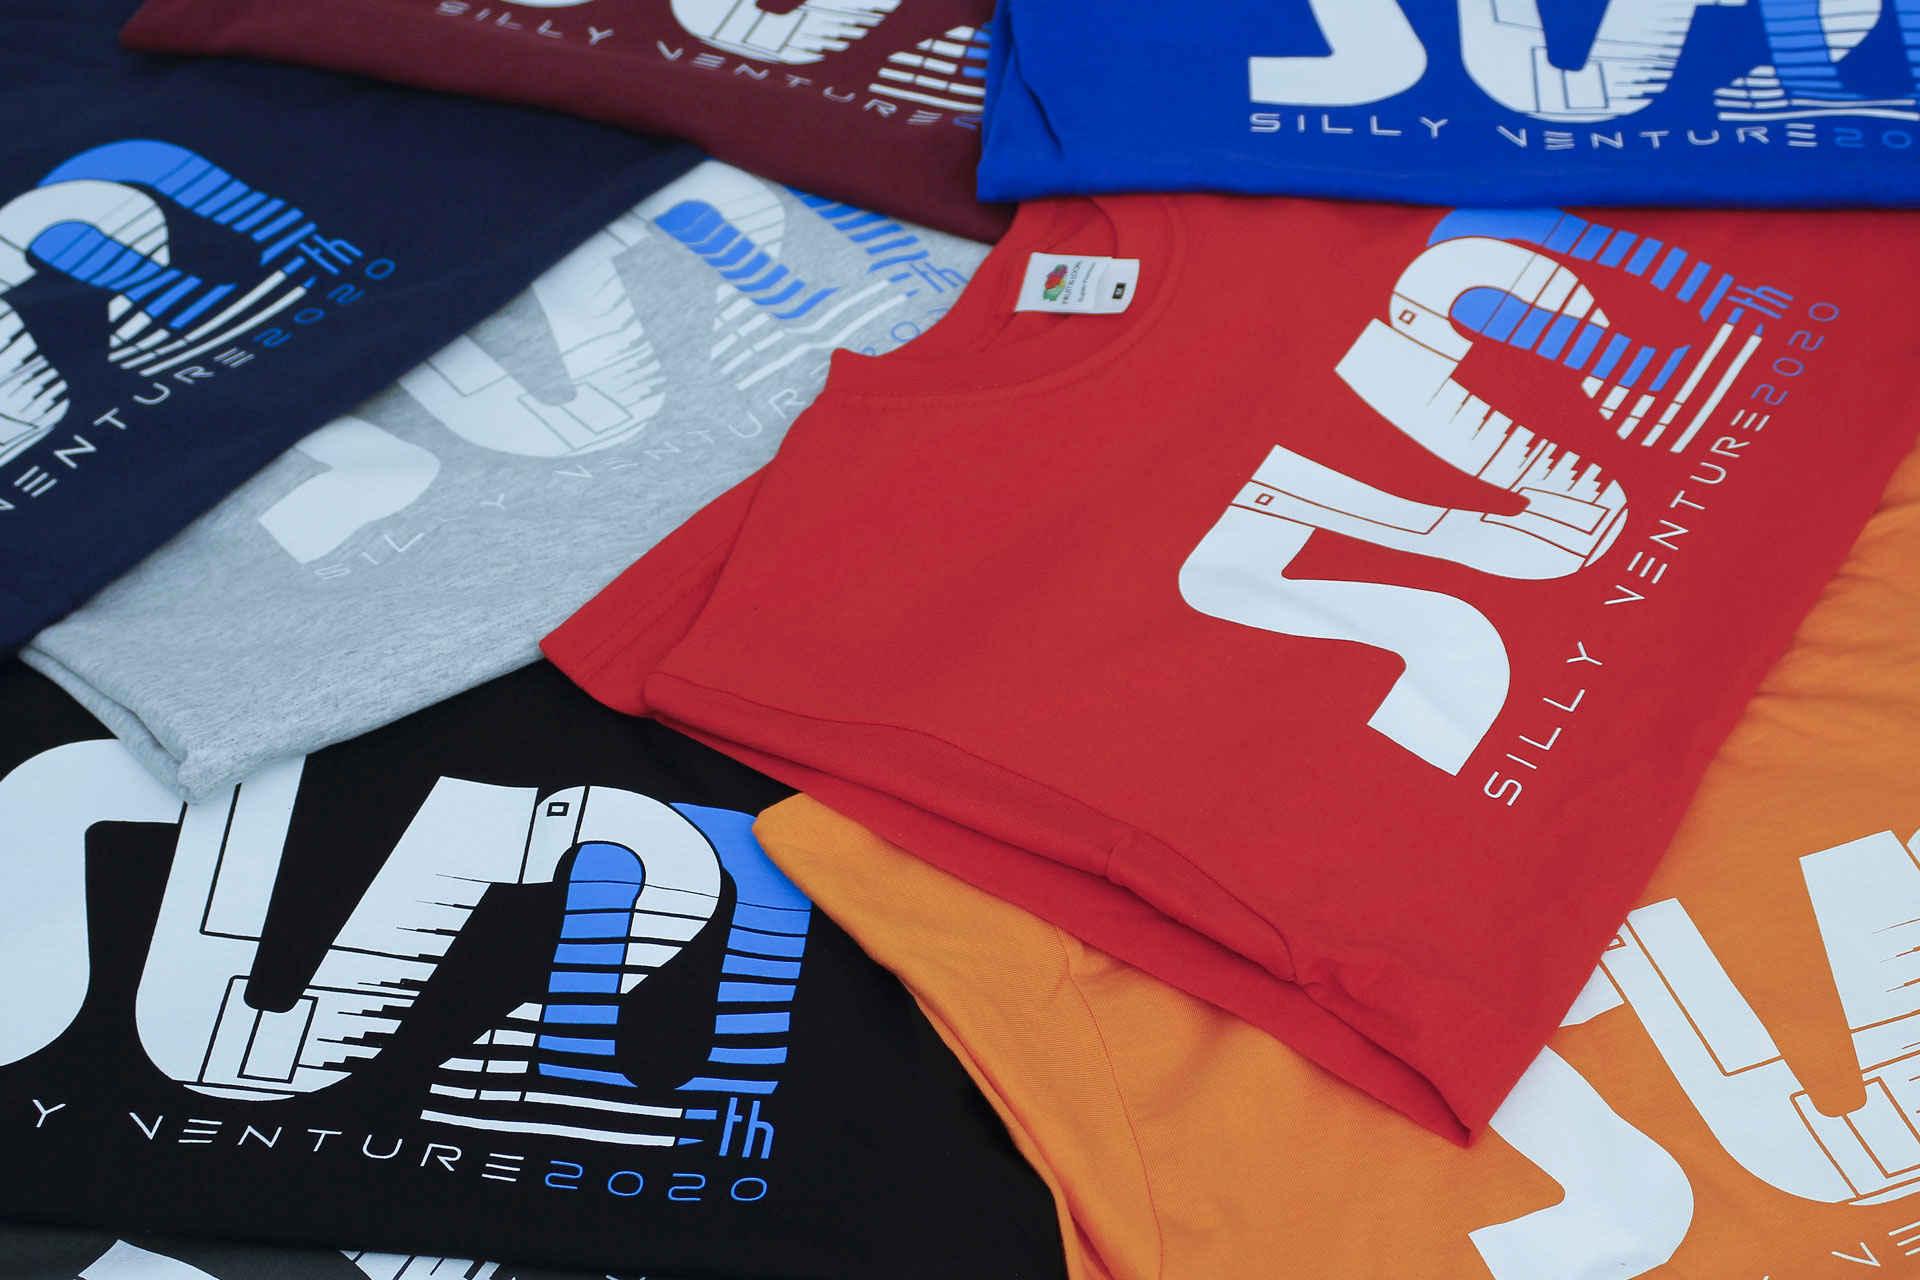 http://www.sillyventure.eu/images/news2020-2021/shirts3.jpg